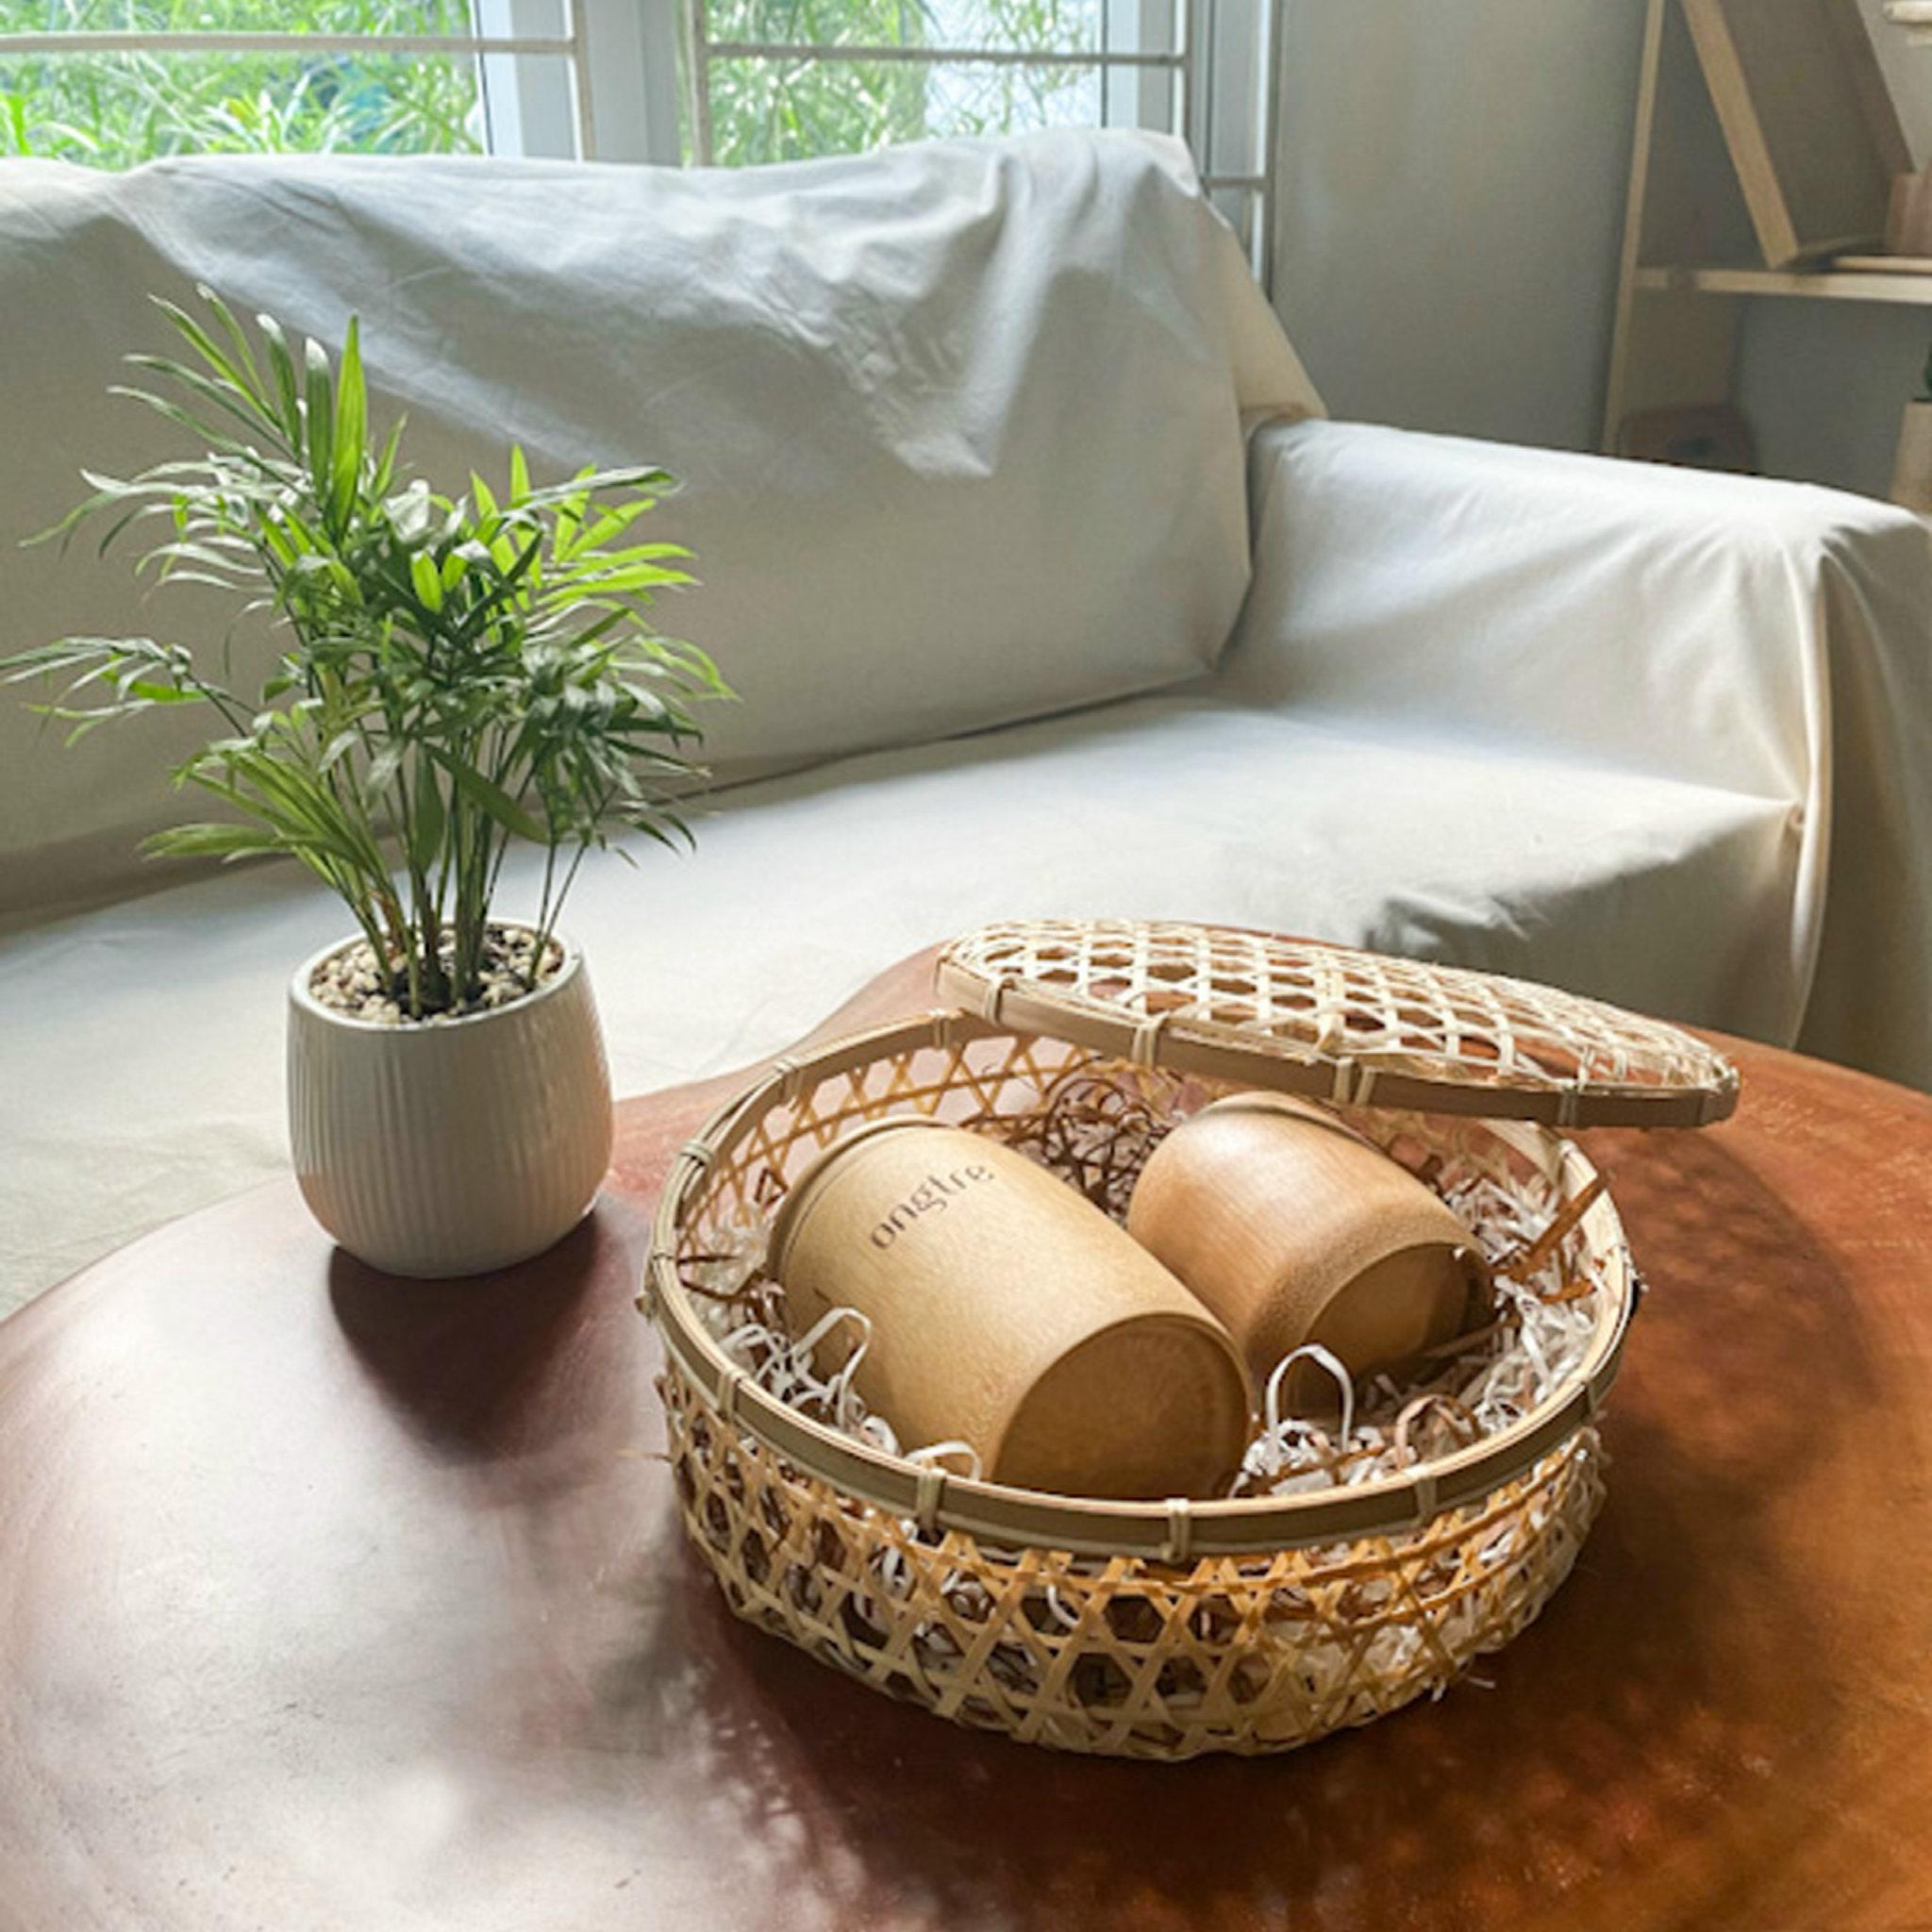 Hộp tre đan thủ công đa năng hình tròn đựng quà, vật dụng nhỏ...   ongtre (Vietnam)